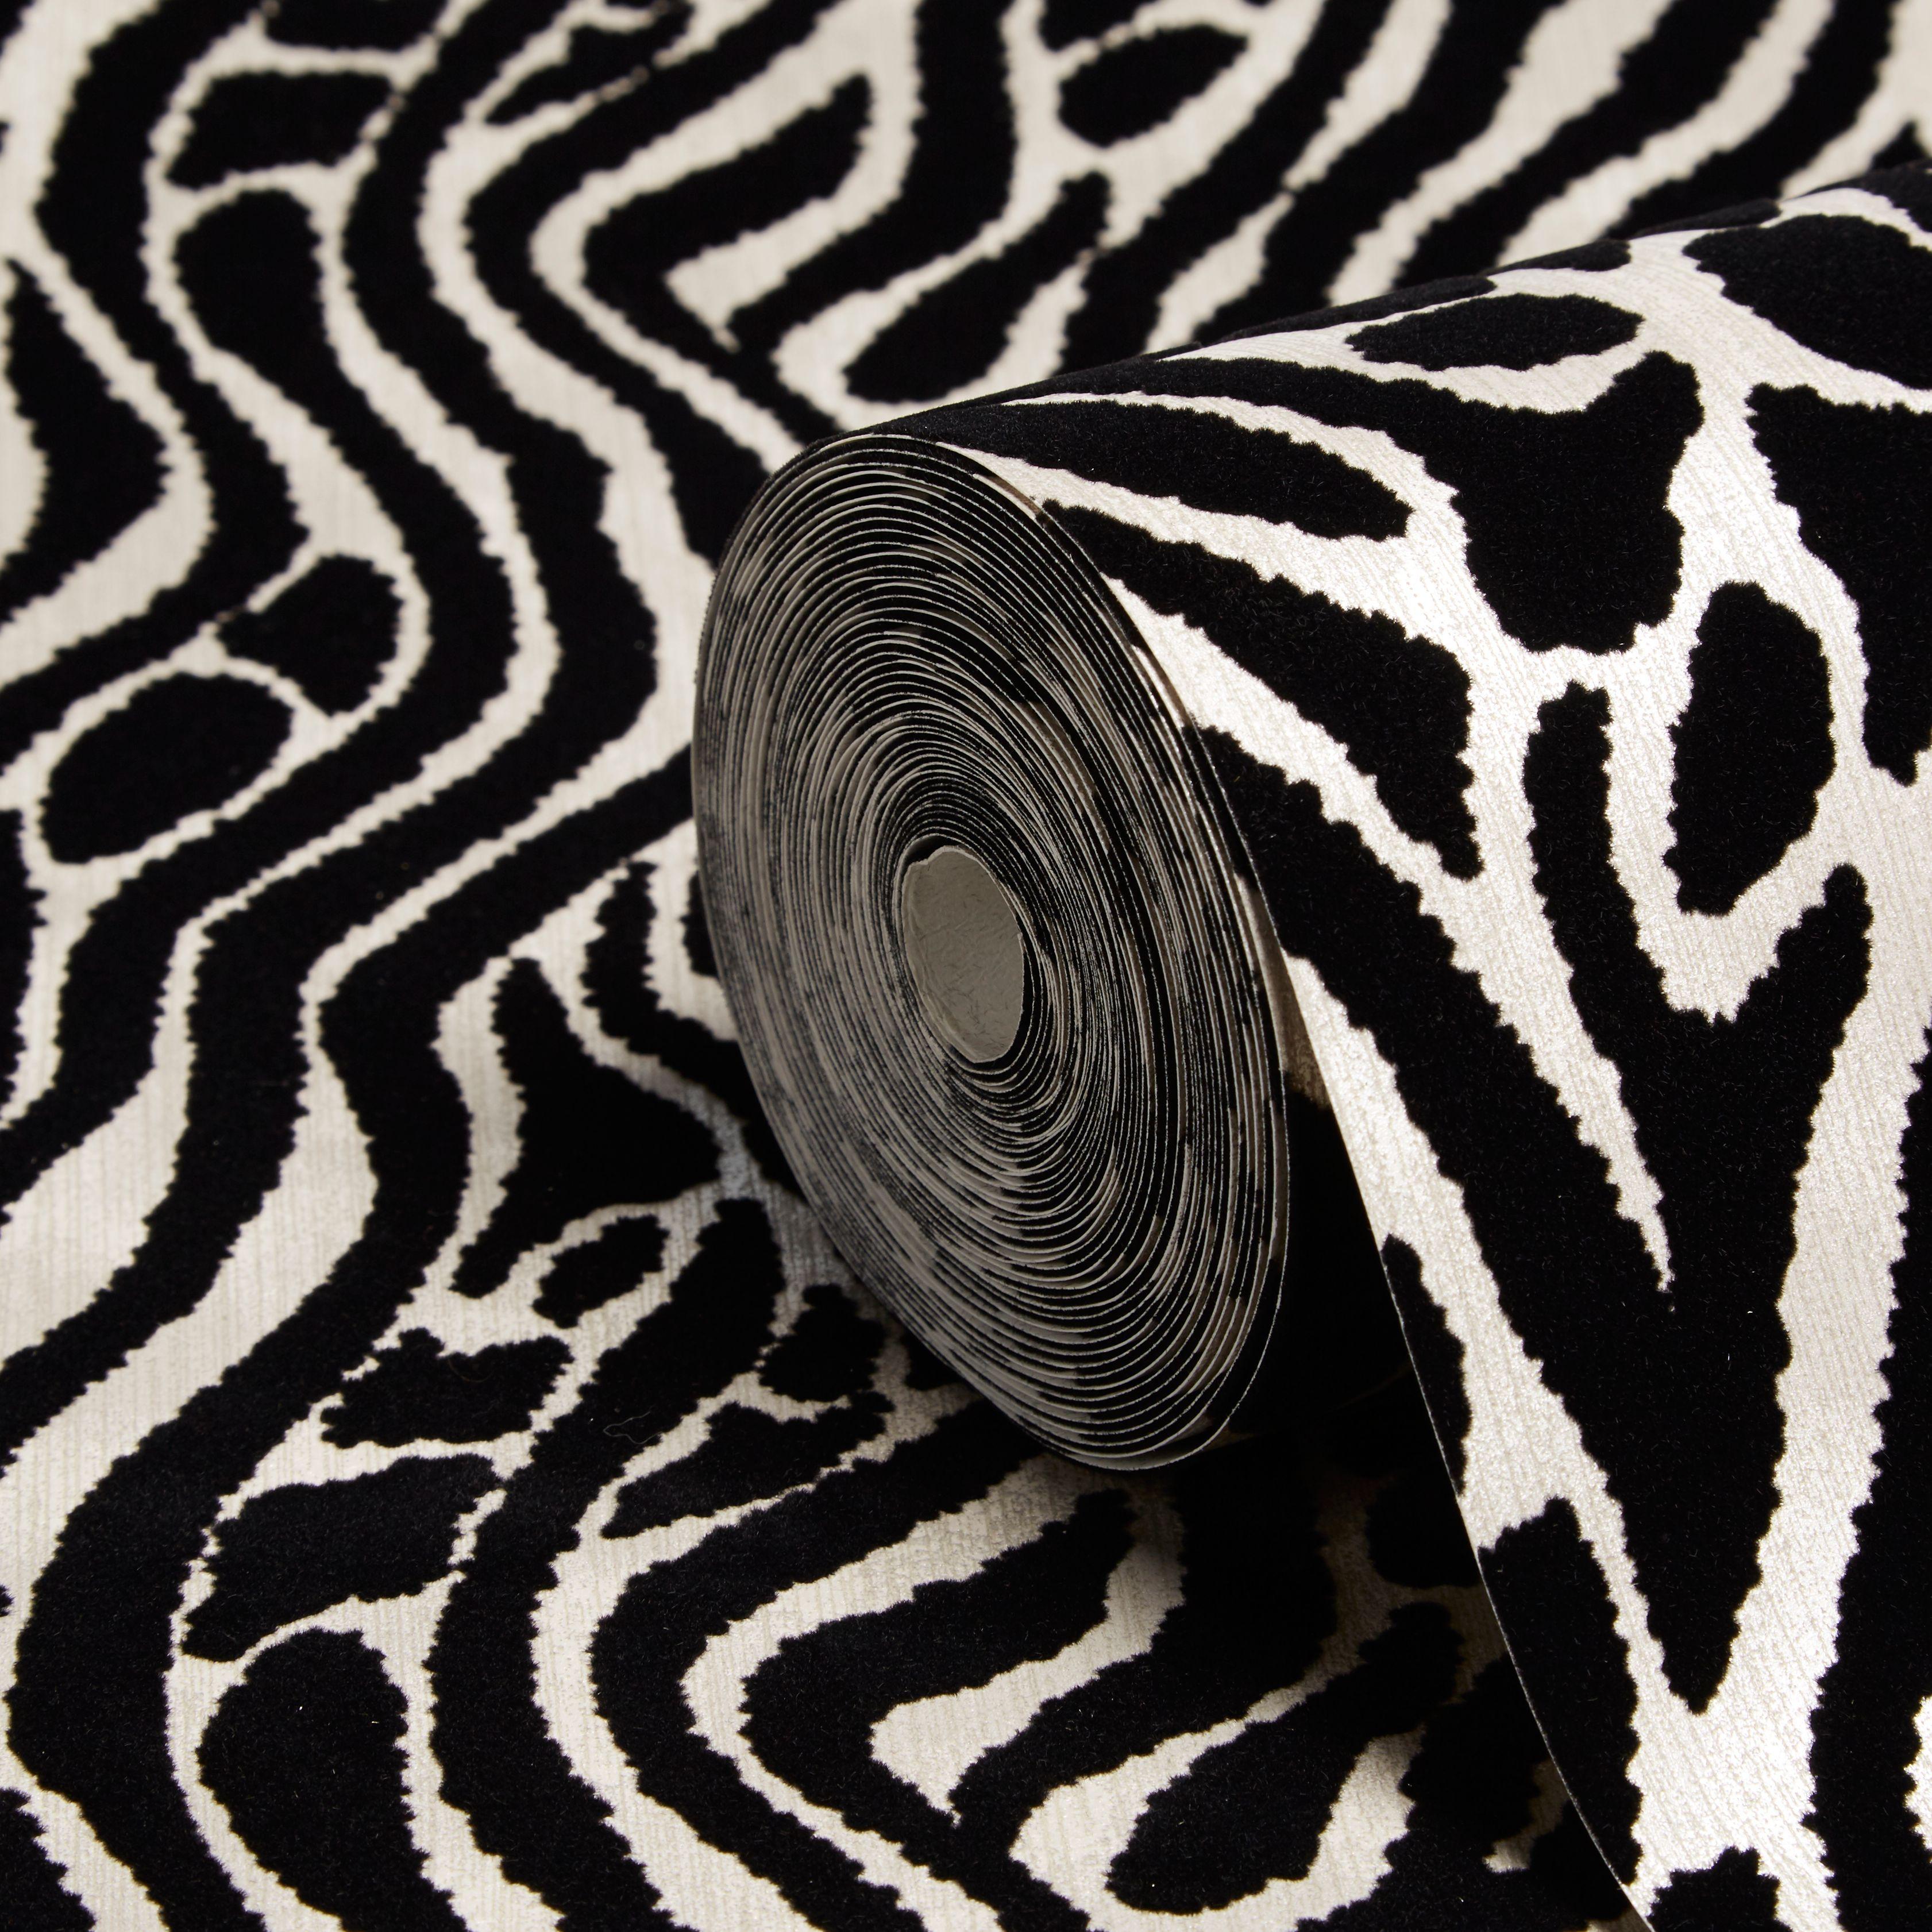 Graham Brown Julien Macdonald Black Silver Animal Print Wallpaper Departments Diy At B Q